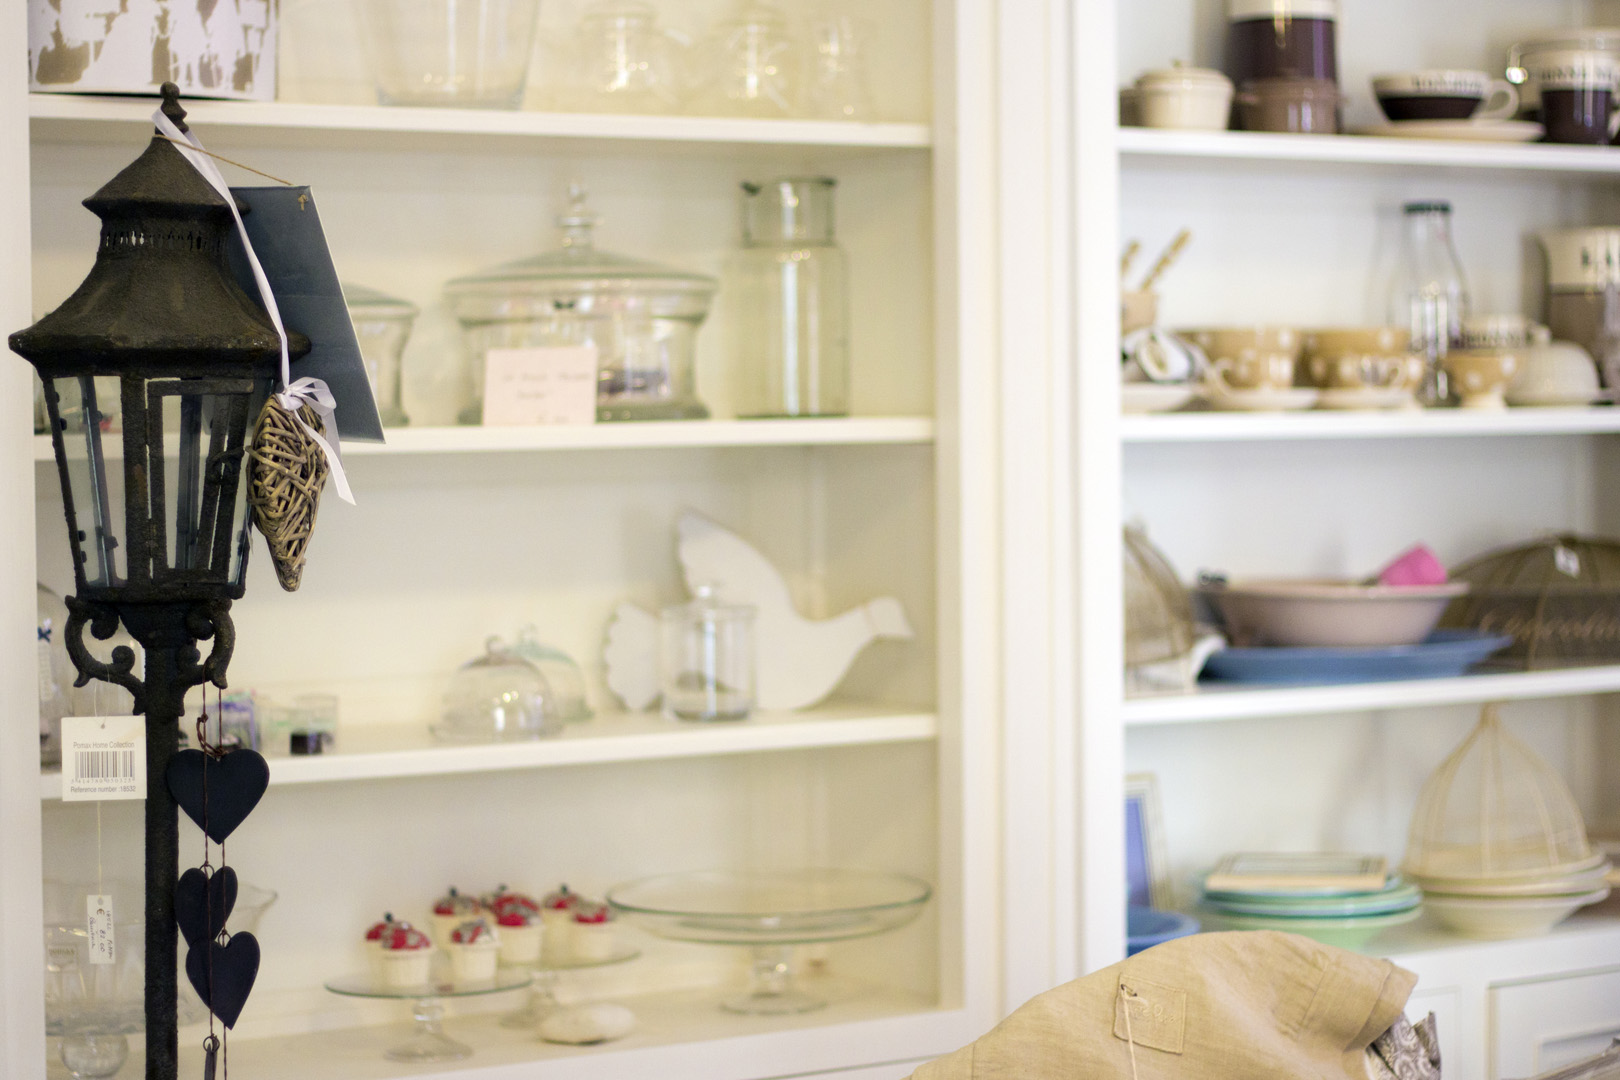 Arredamento Provenzale: un nuovo negozio On-Line per arredi, oggettistica, idee regalo, bomboniere